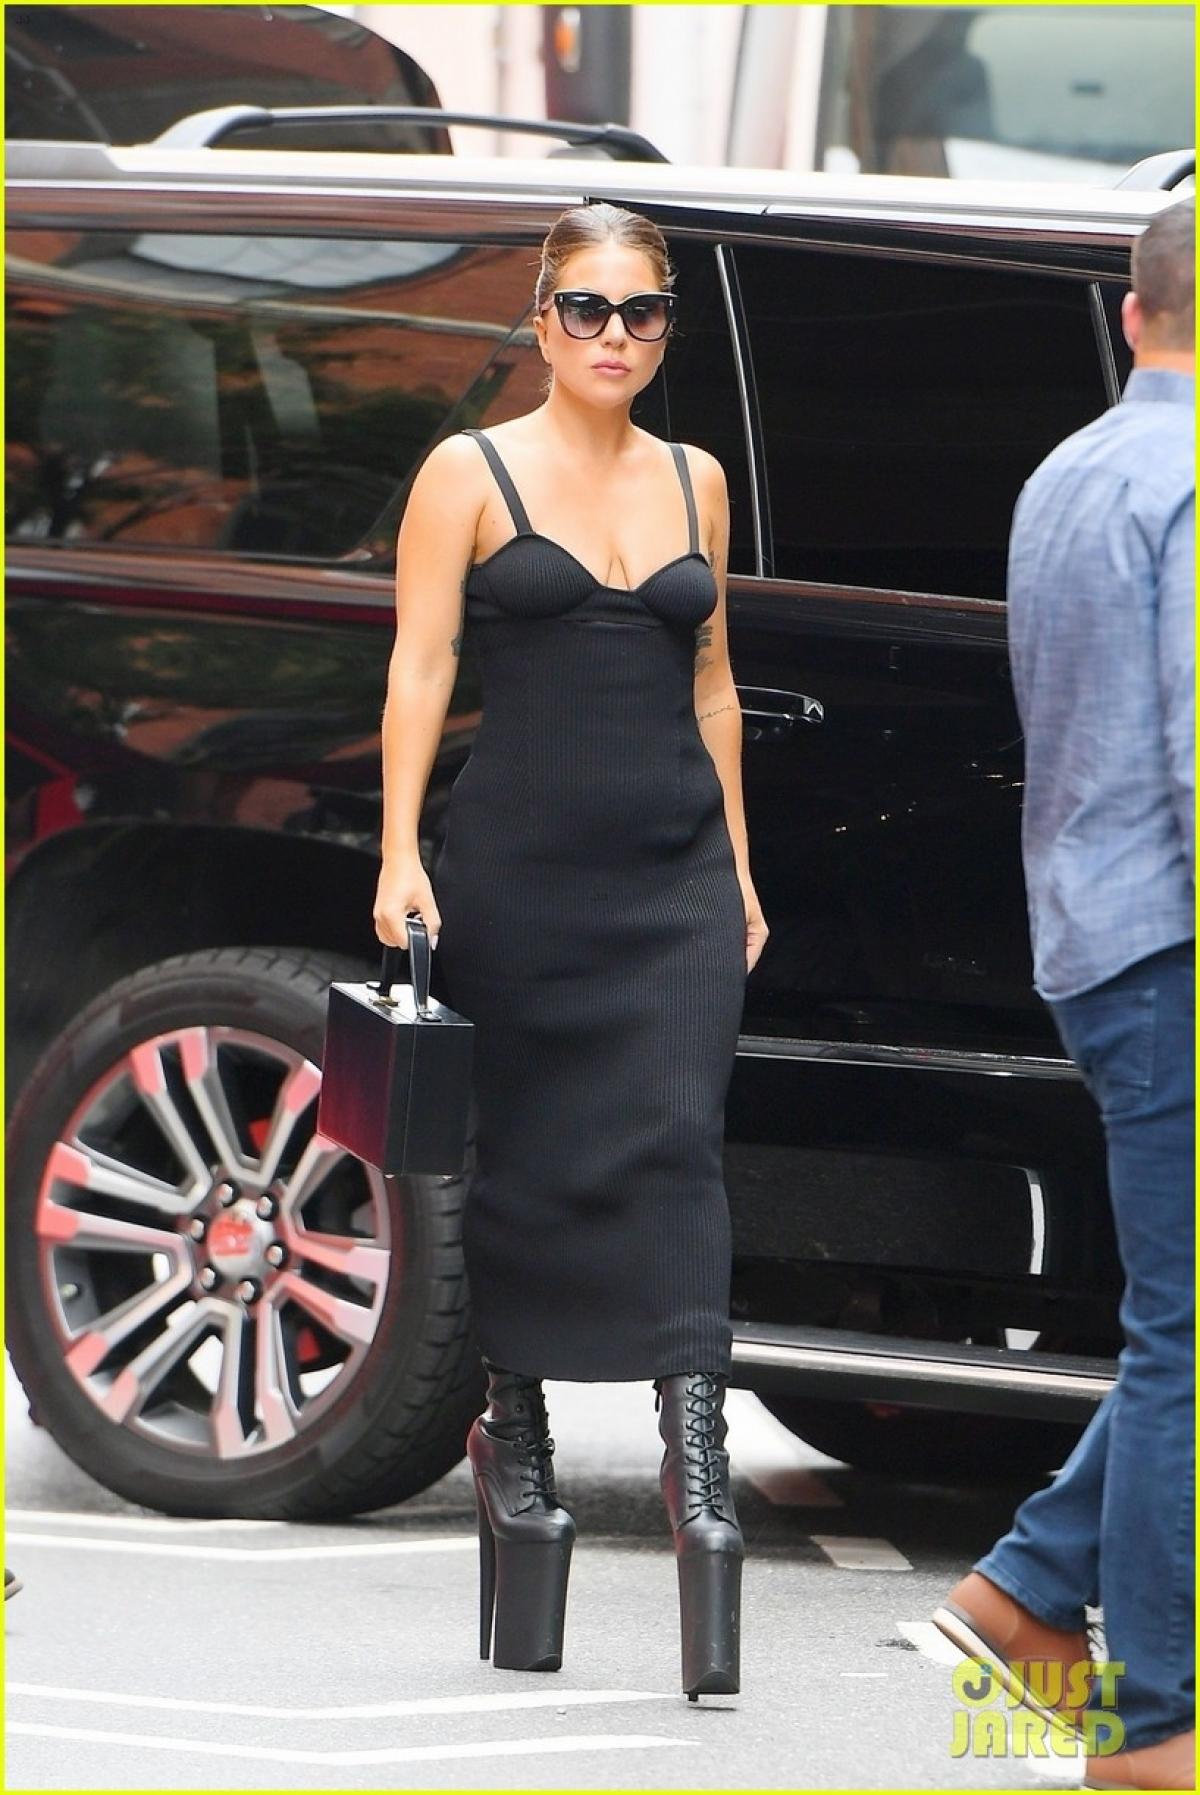 Đôi bốt cao gót của Lady Gaga khiến nhiều người ngỡ ngàng.